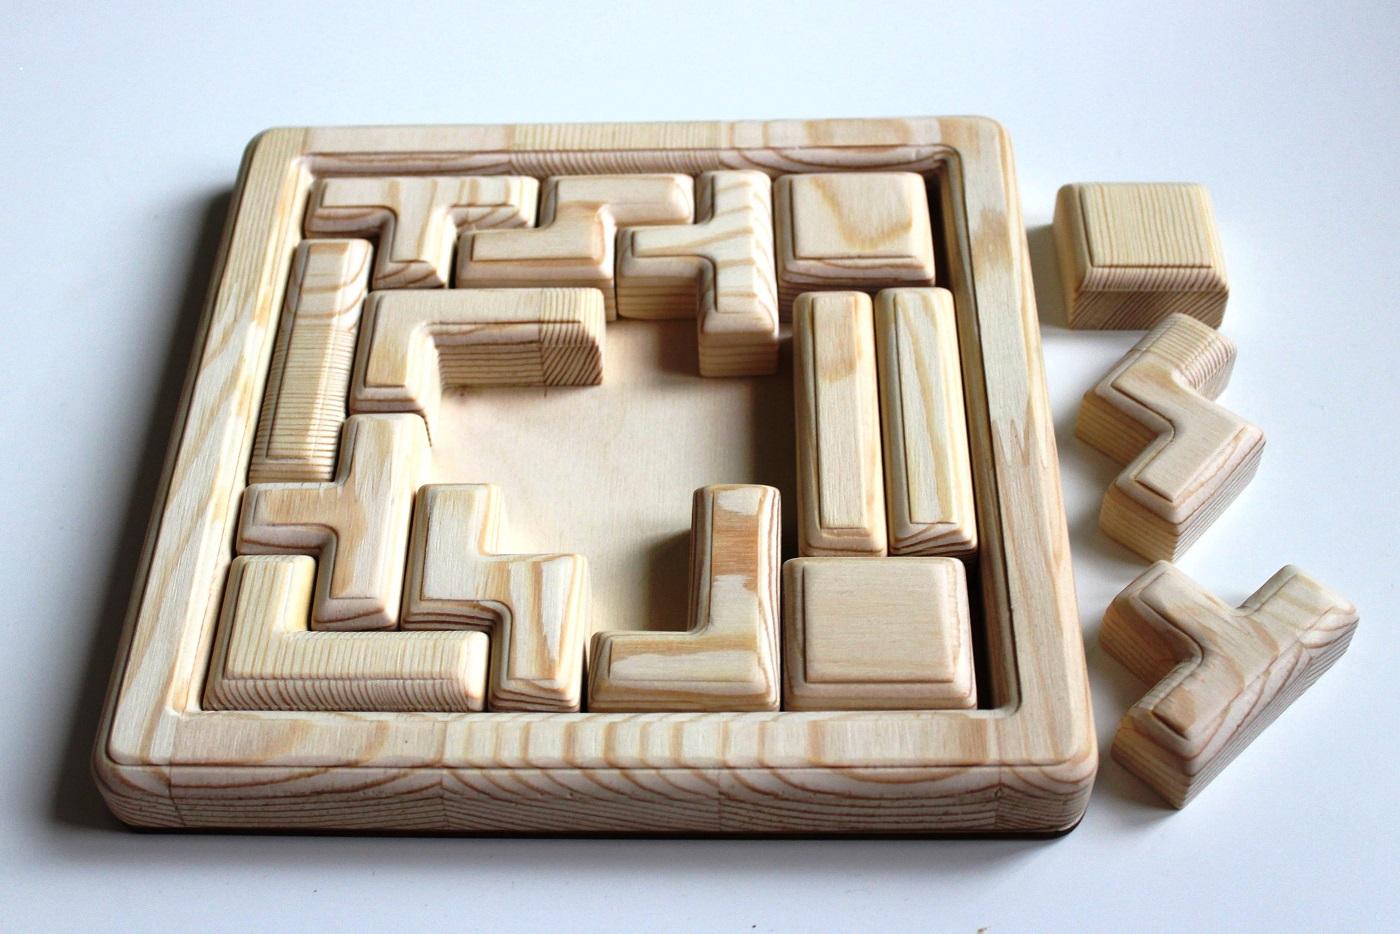 Тетрис-головоломка - Всеми любимая игра для развития внимания, мышления  и мелкой моторики.